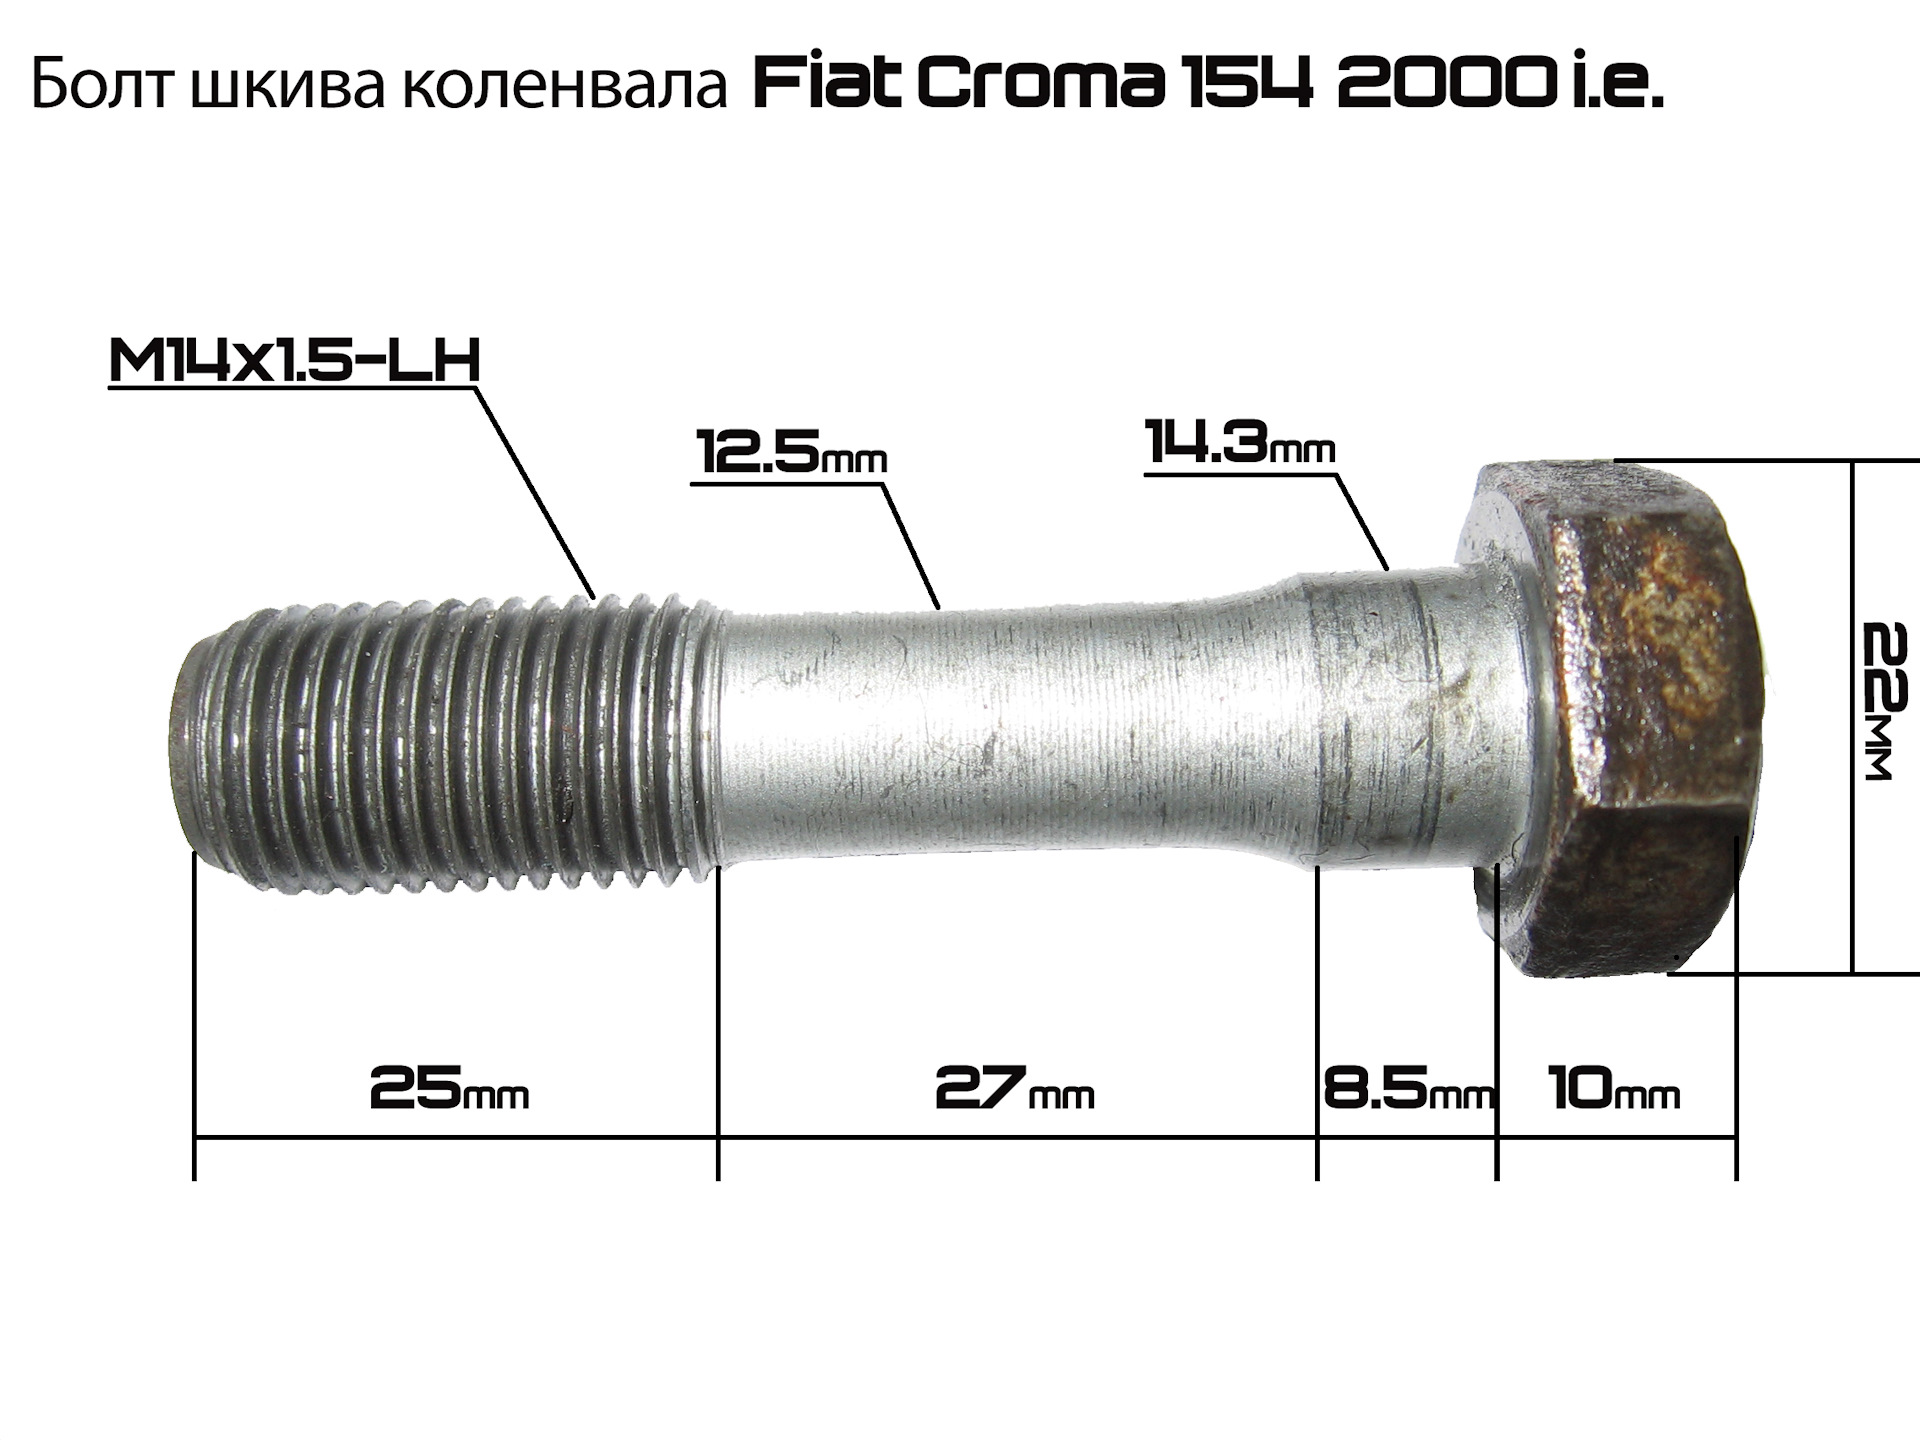 как узнать размер коленвала fiat croma